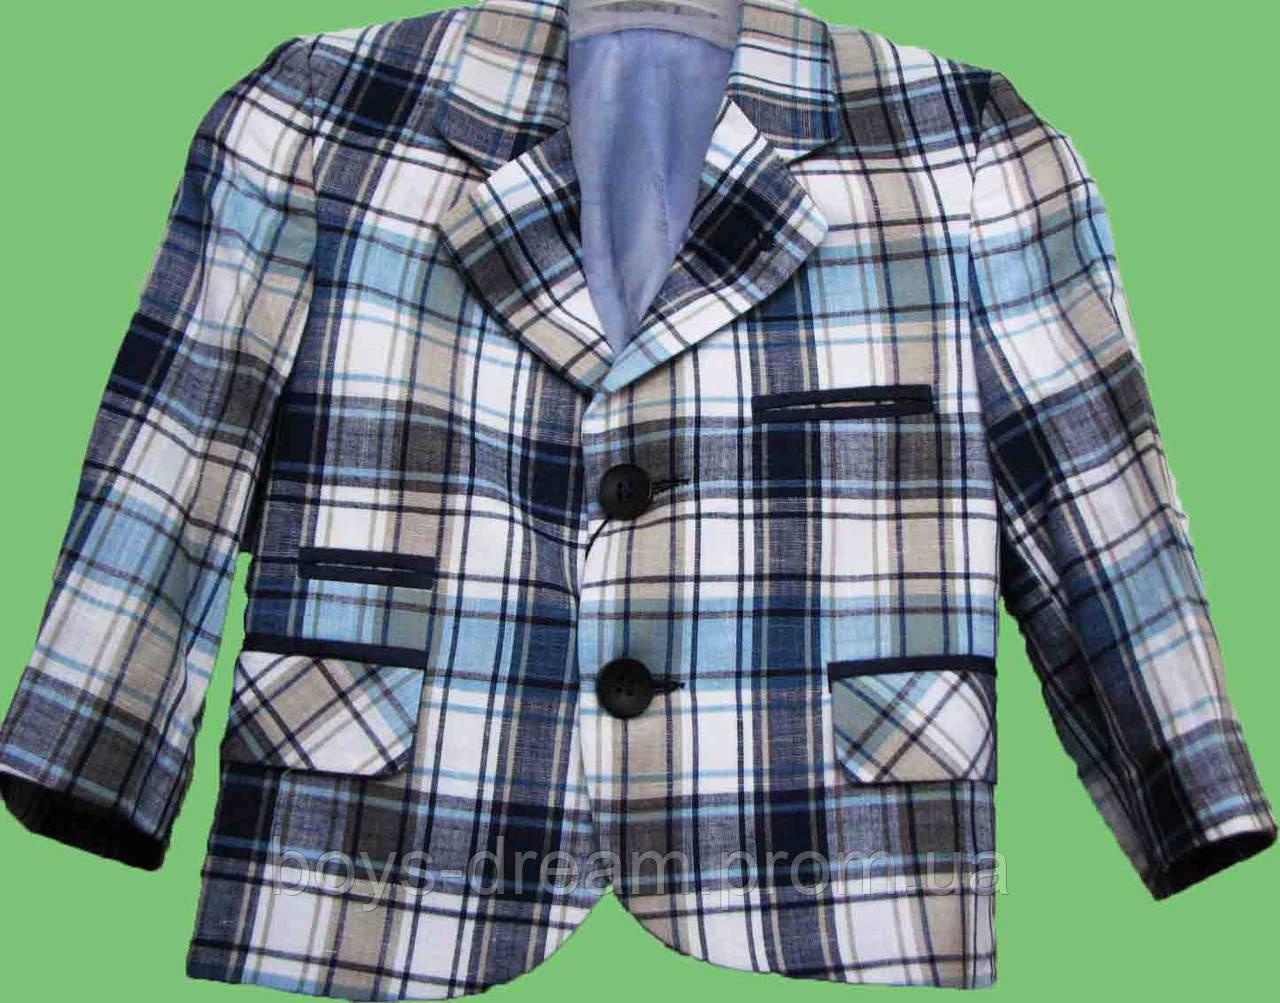 Пиджак для мальчика 98 (Турция)